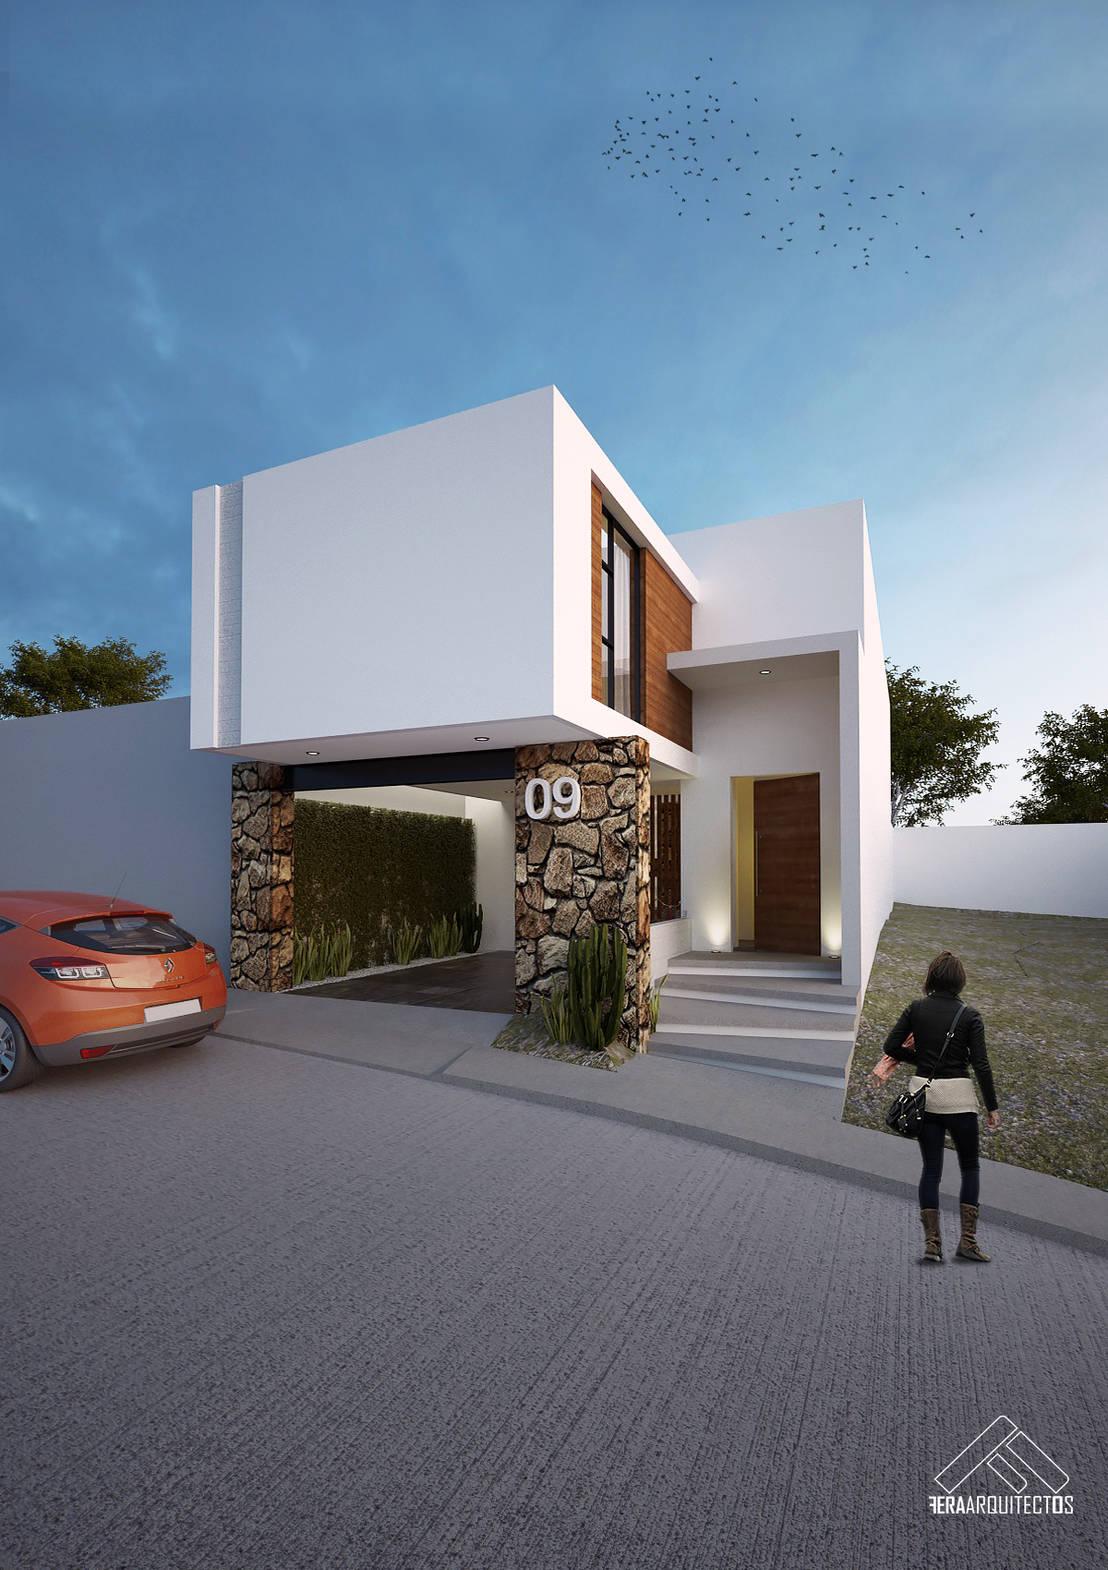 fotos-de-casas-de-estilo-minimalista-de-feraarquitectos.jpg